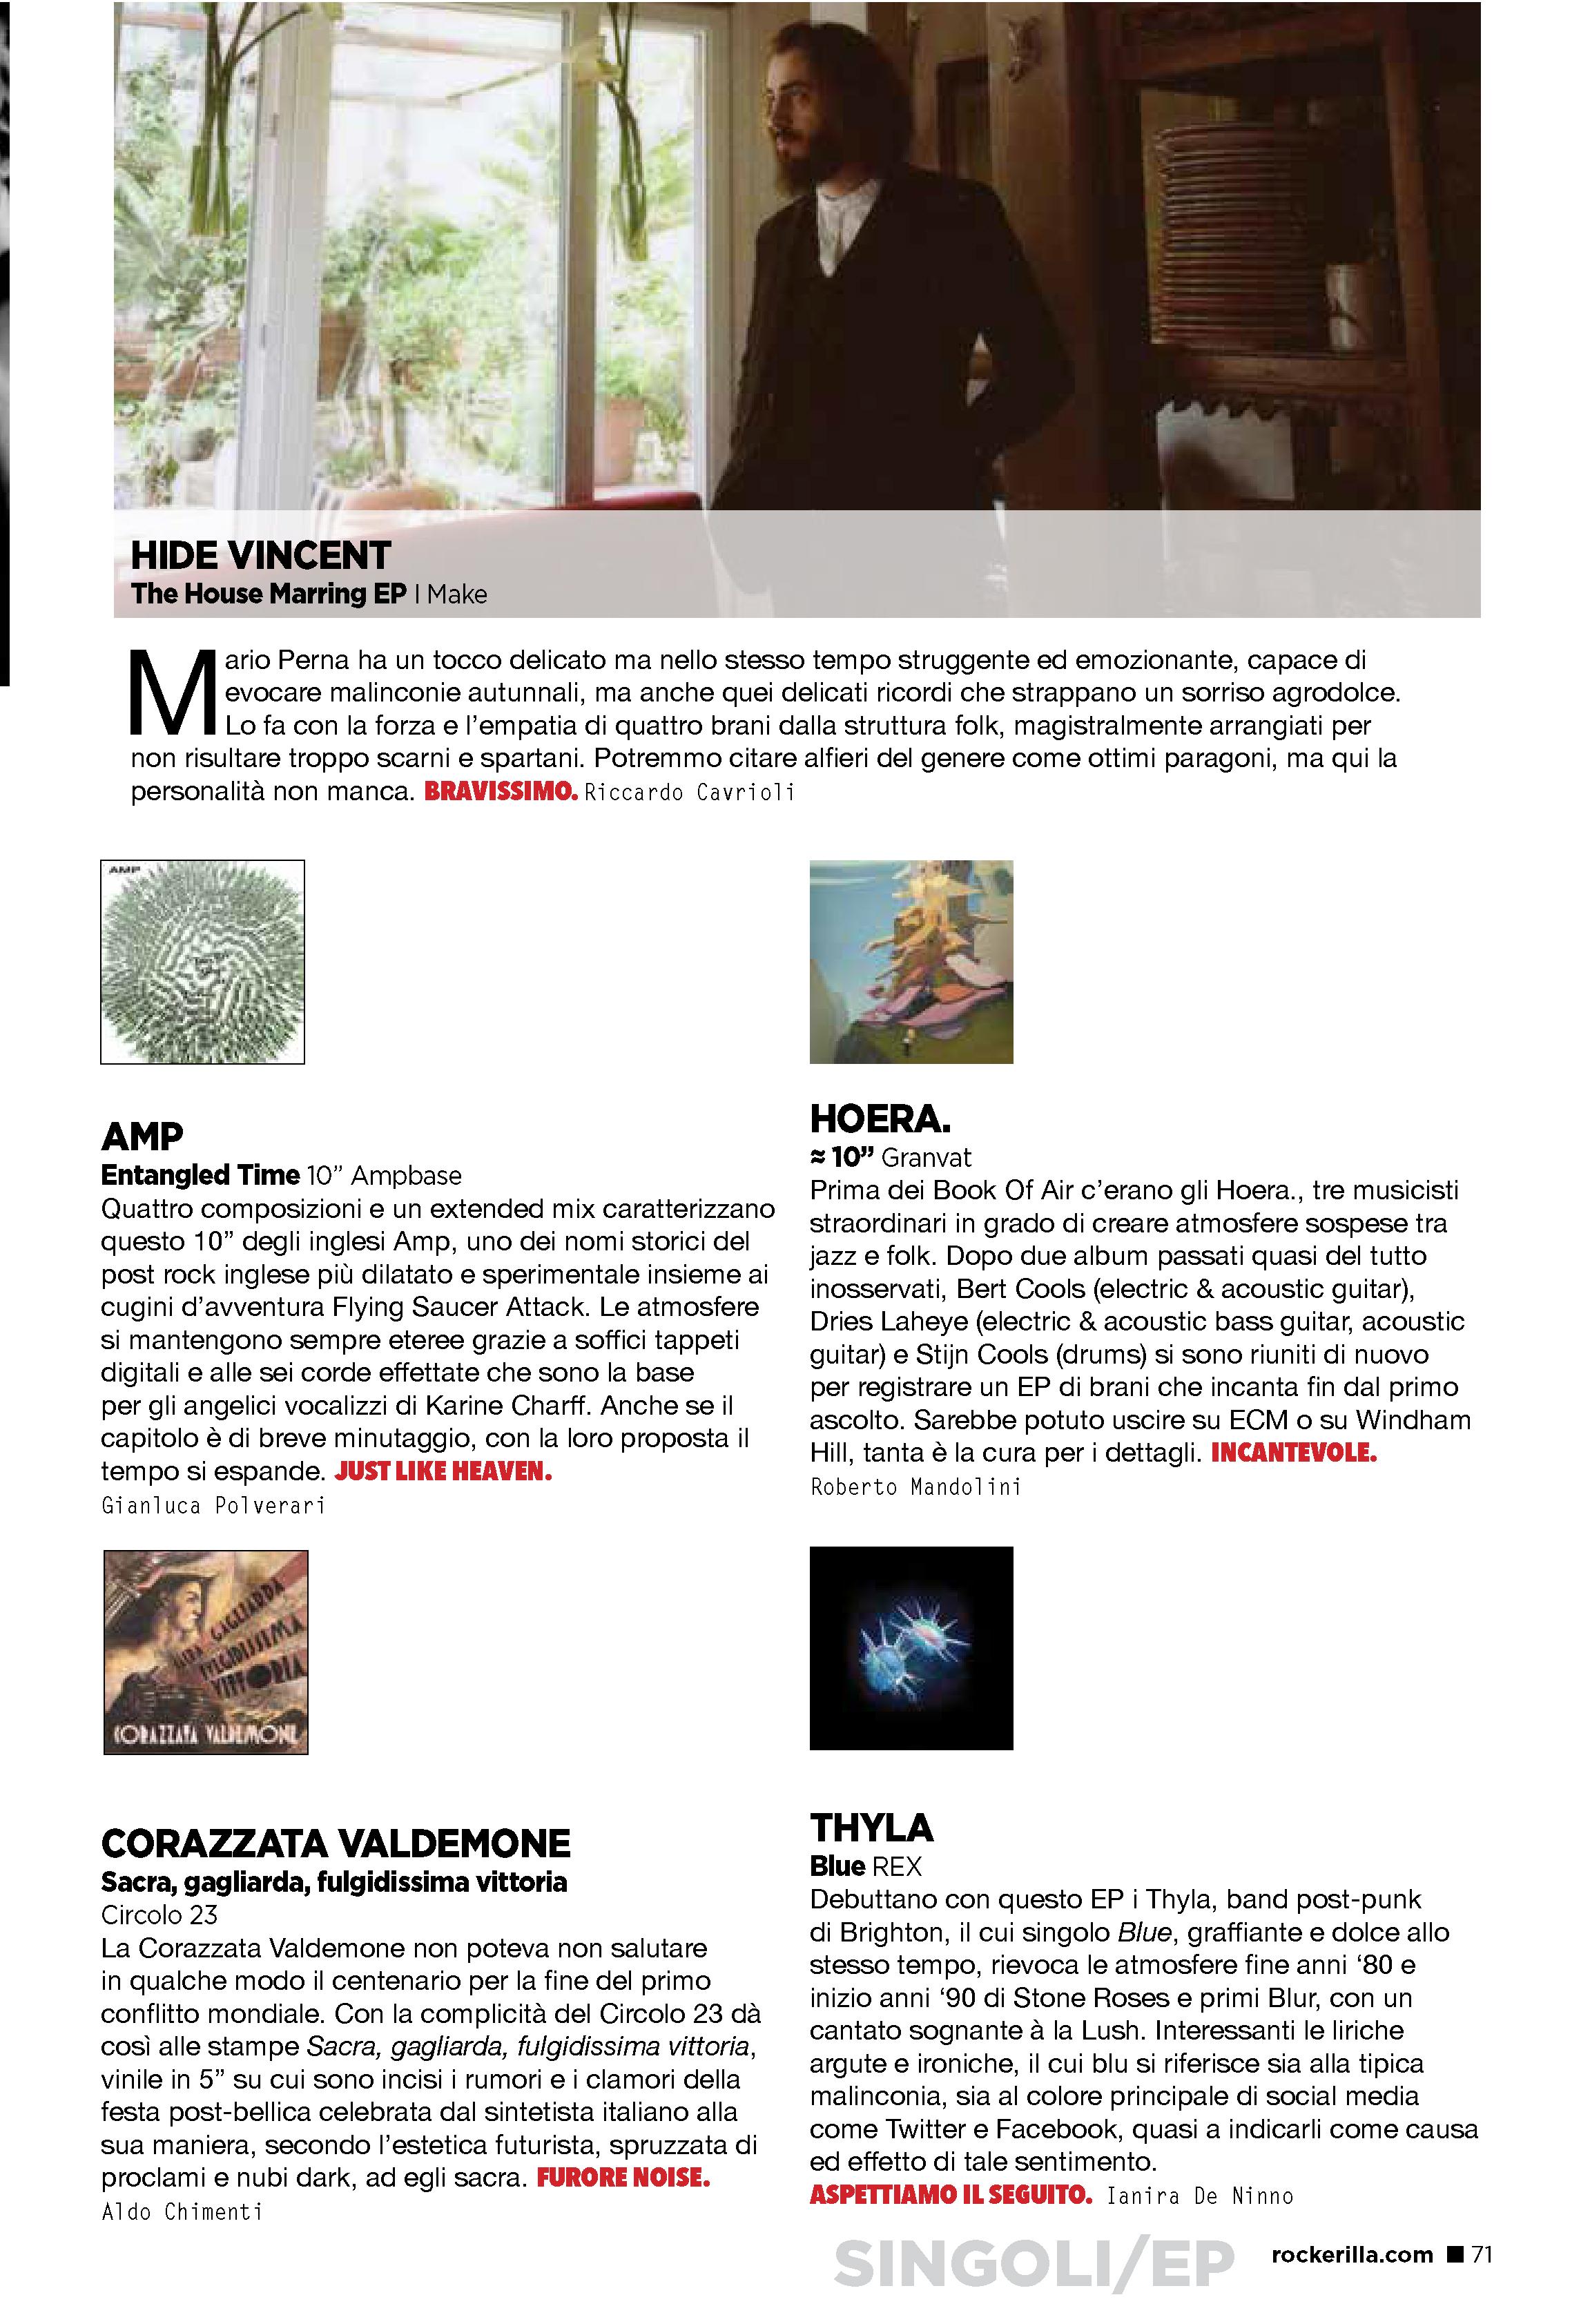 Rockerilla Magazine, Italy